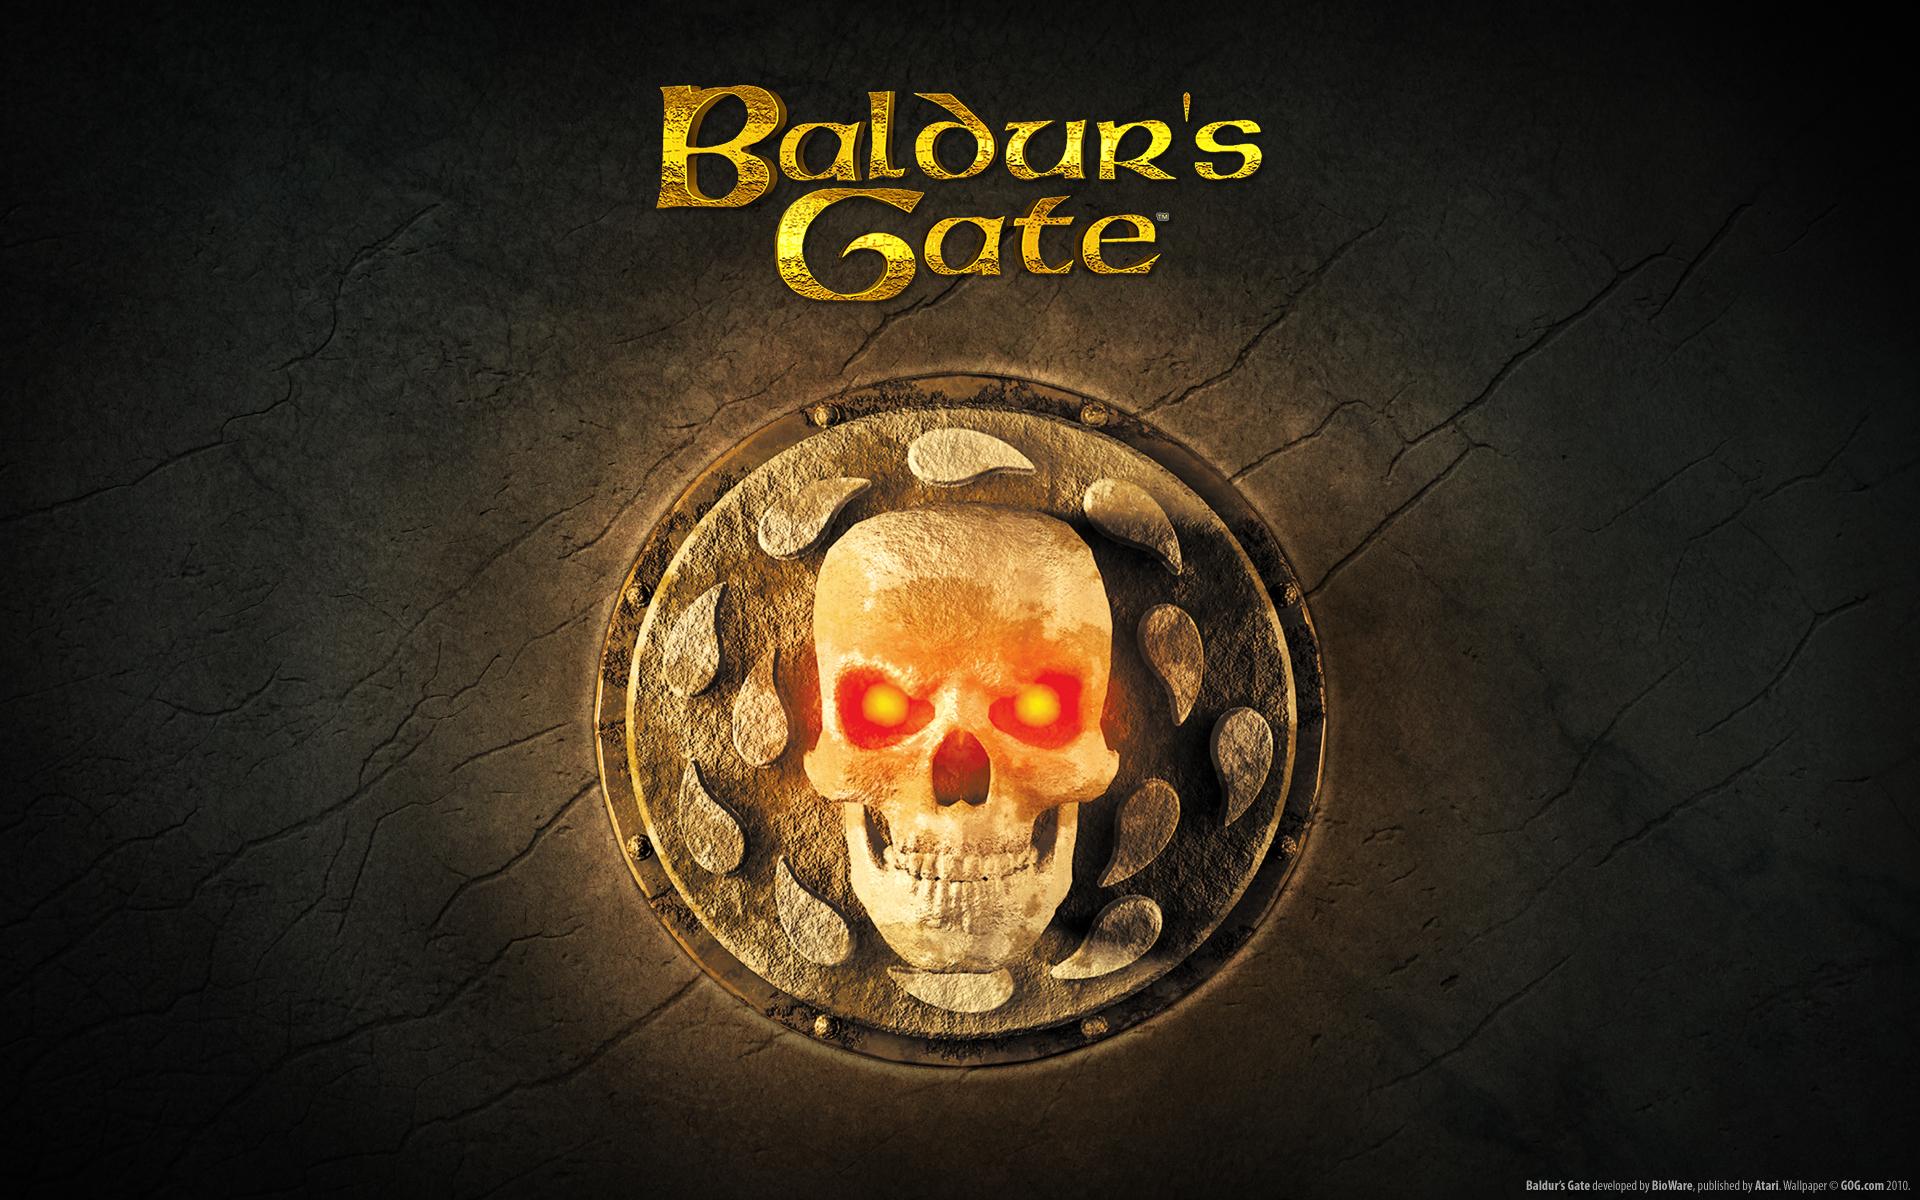 Baldur's Gate: Ensinando novos truques a um cachorro velho